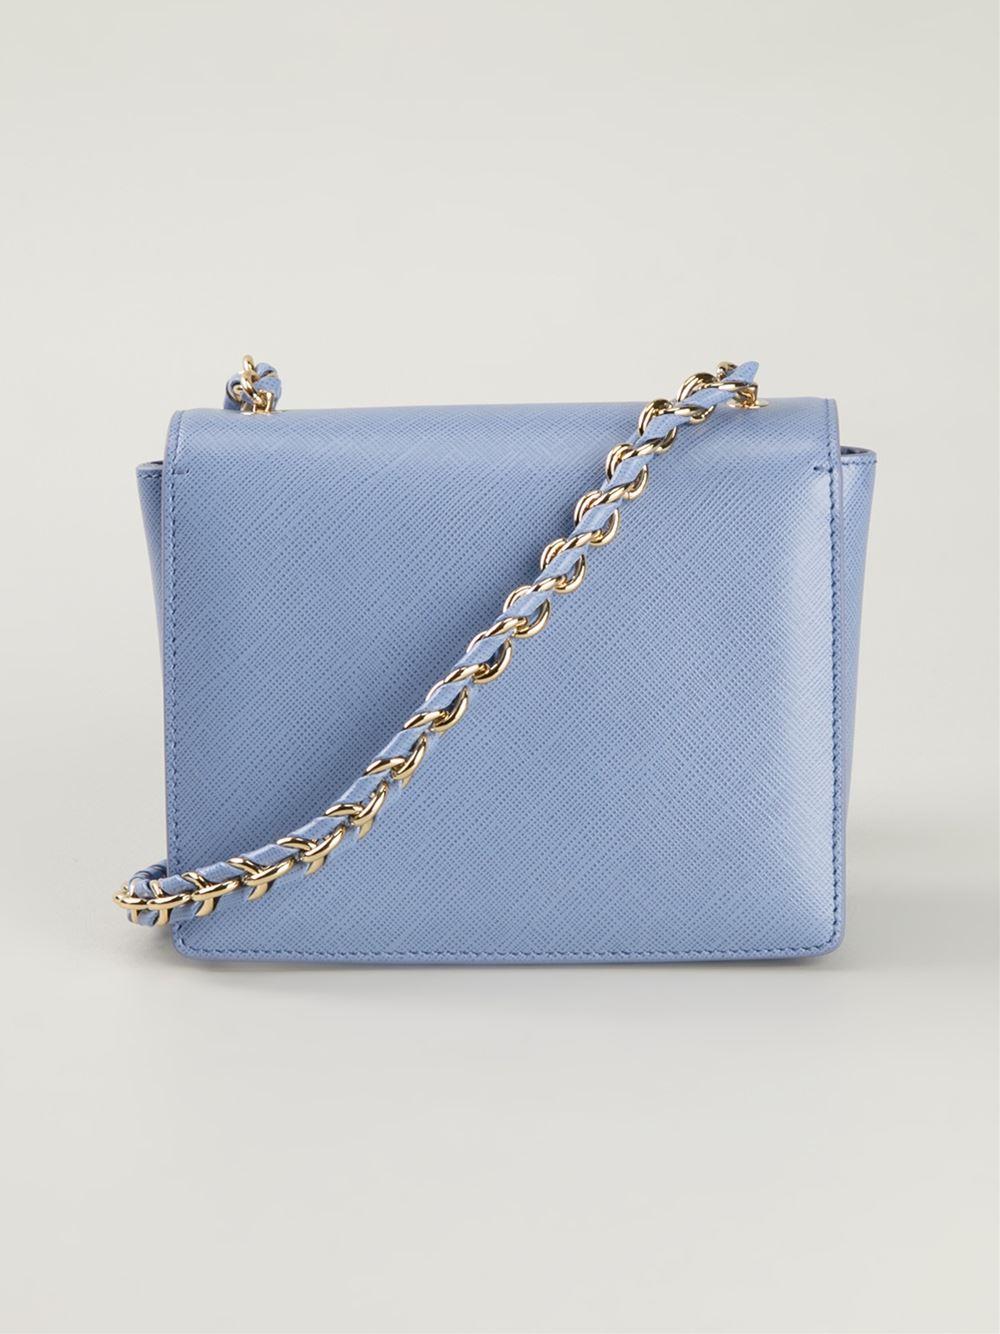 Ferragamo 'Ginny' Crossbody Bag in Blue